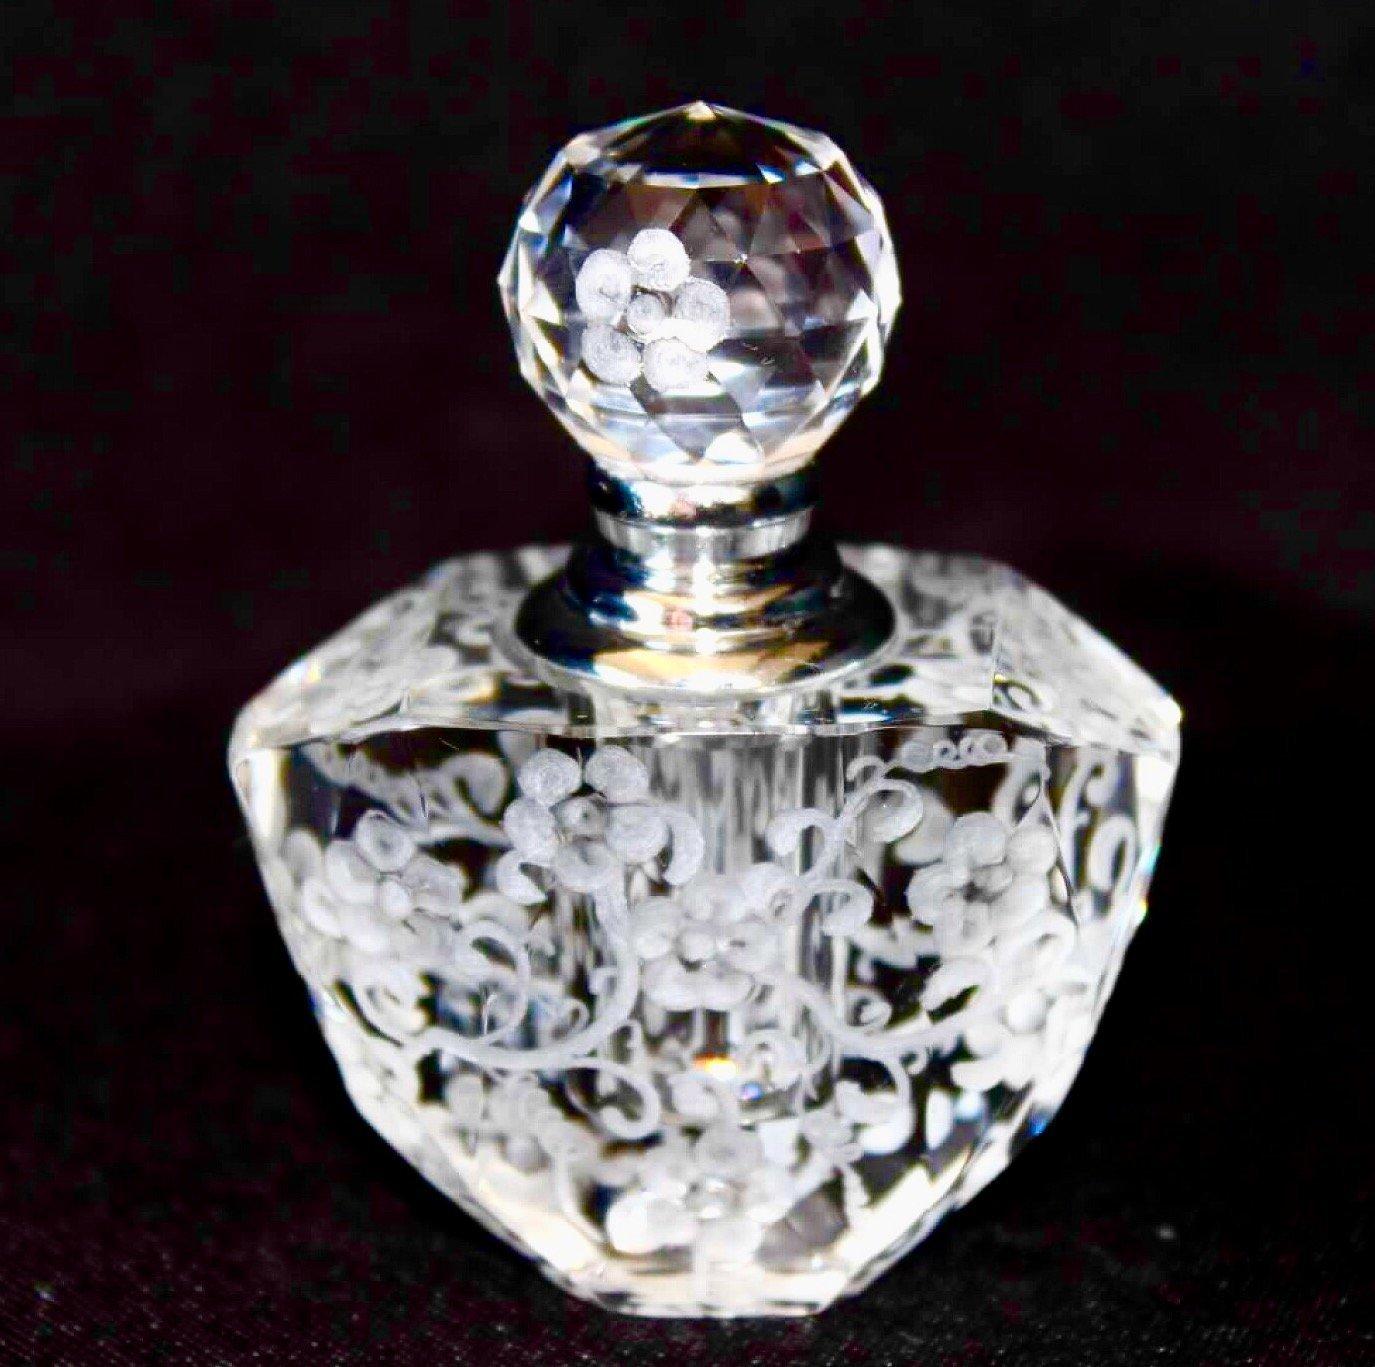 Hand Engraved Oleg Cassini Crystal Bottle, Home Decor, Home Vanity, Engraved Perfume Bottle, Crystal Bottle Flowers, Bridal Gifts